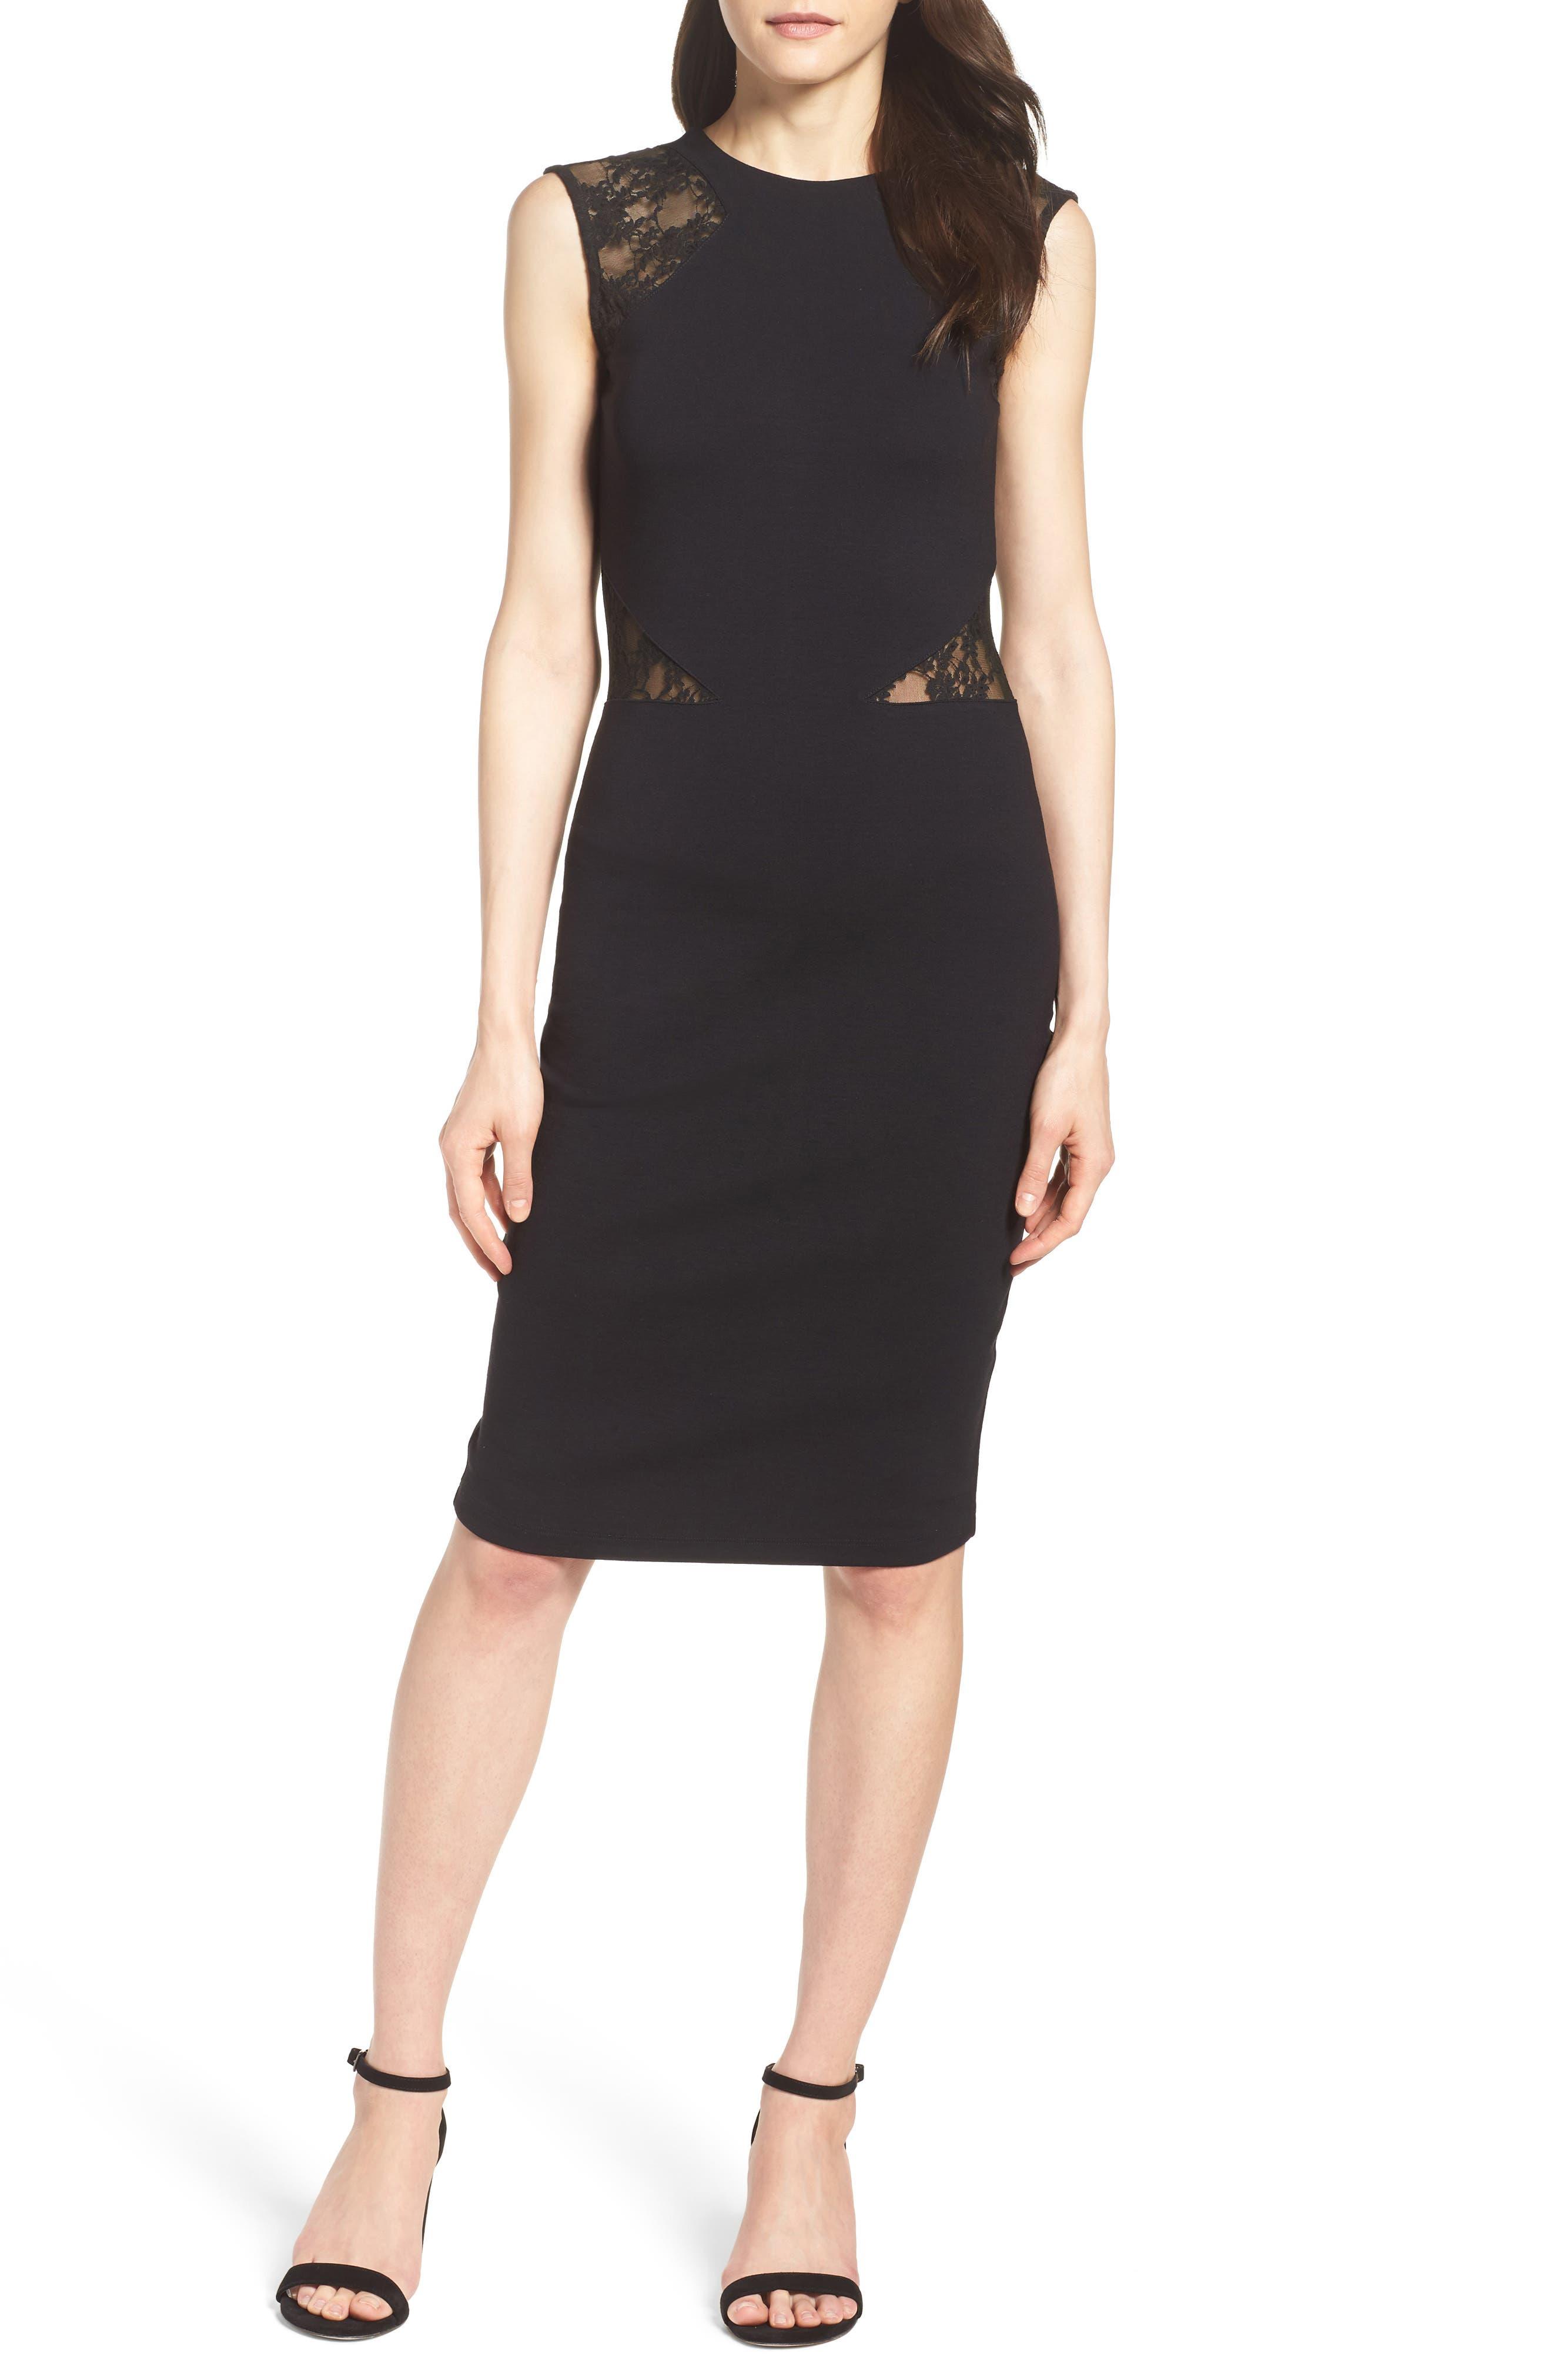 Viven Dress,                         Main,                         color, Black